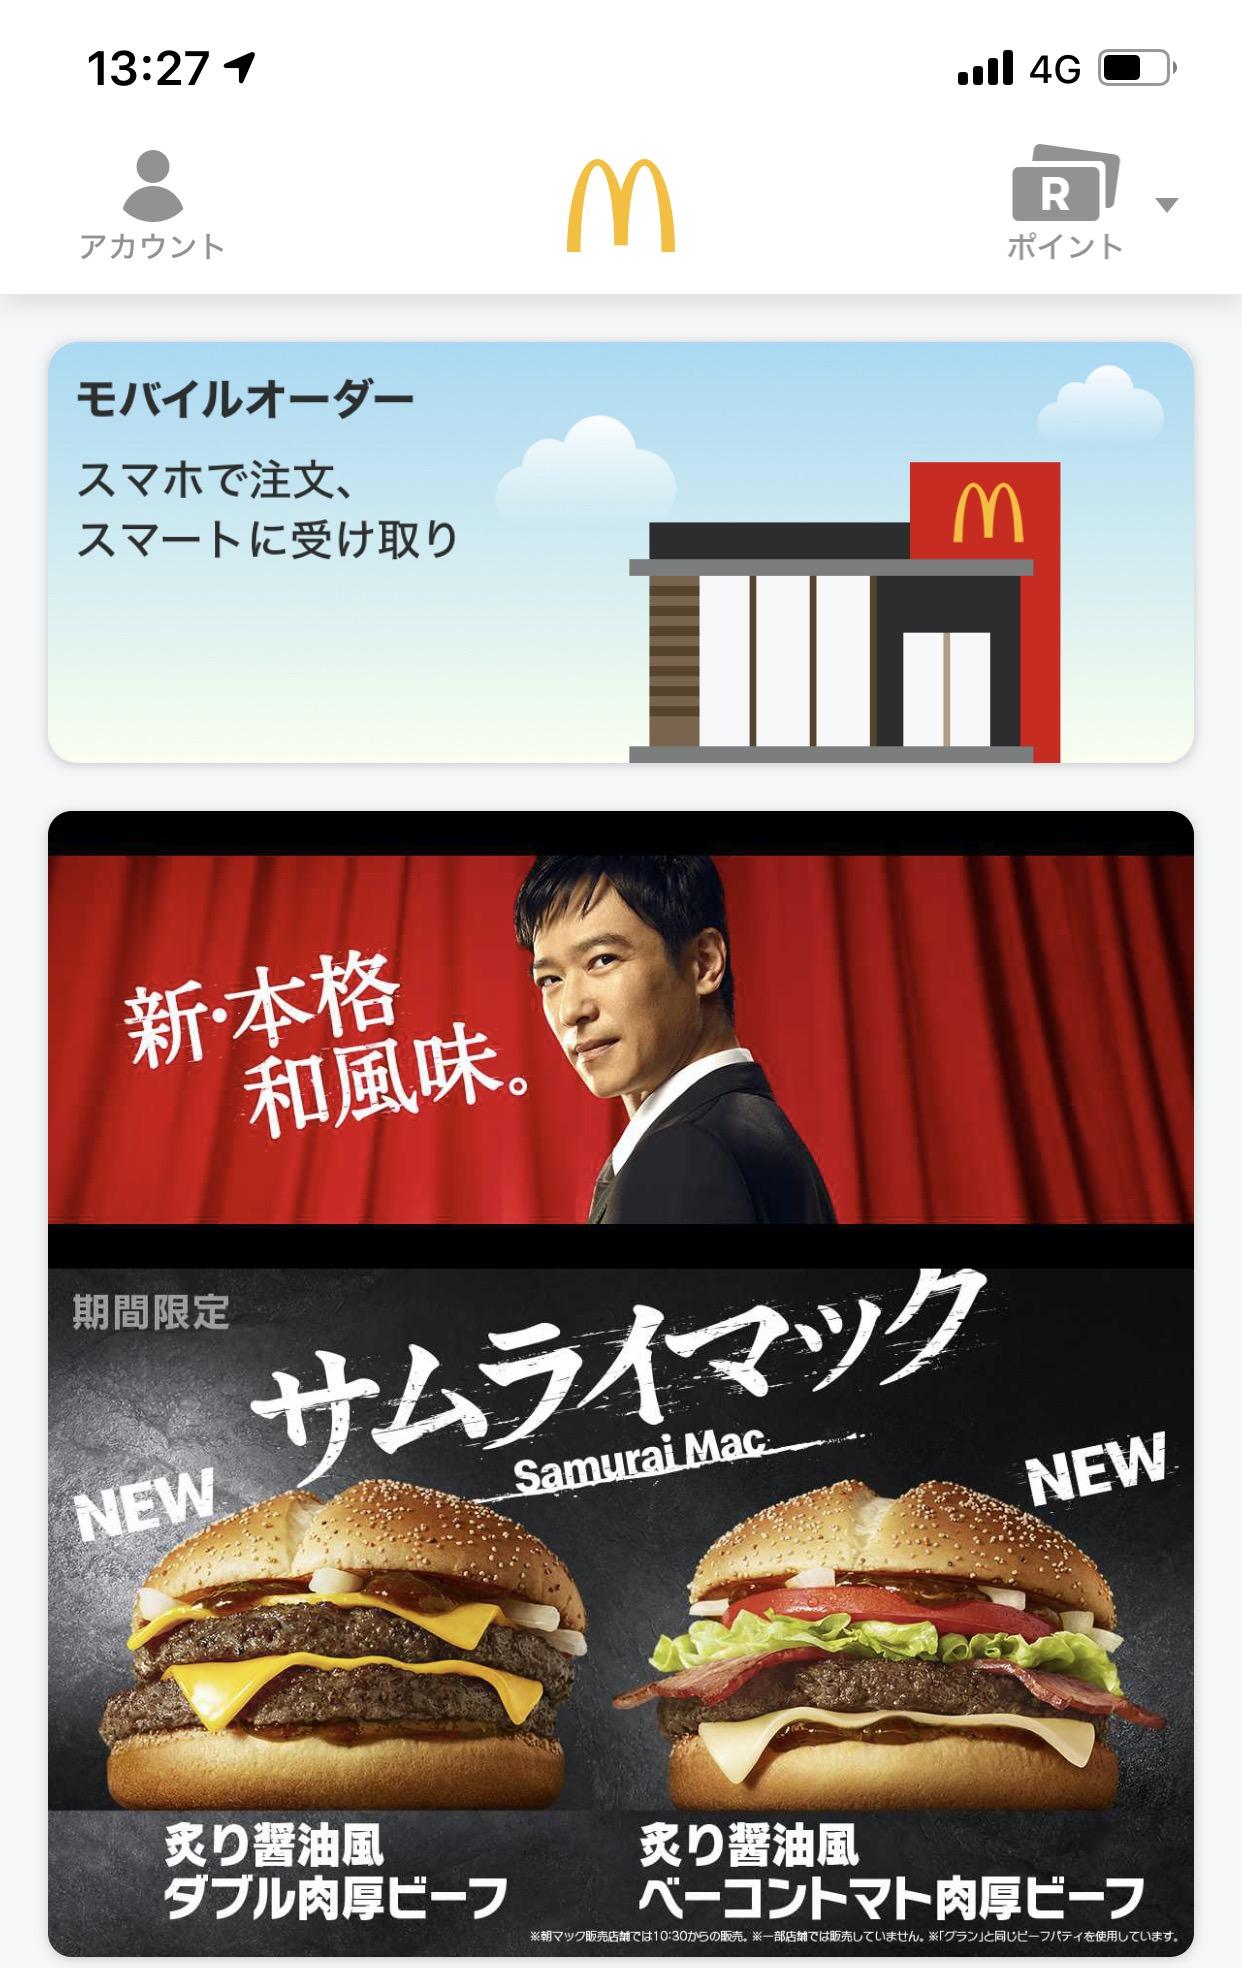 【マクドナルド】公式アプリ モバイルオーダー 1